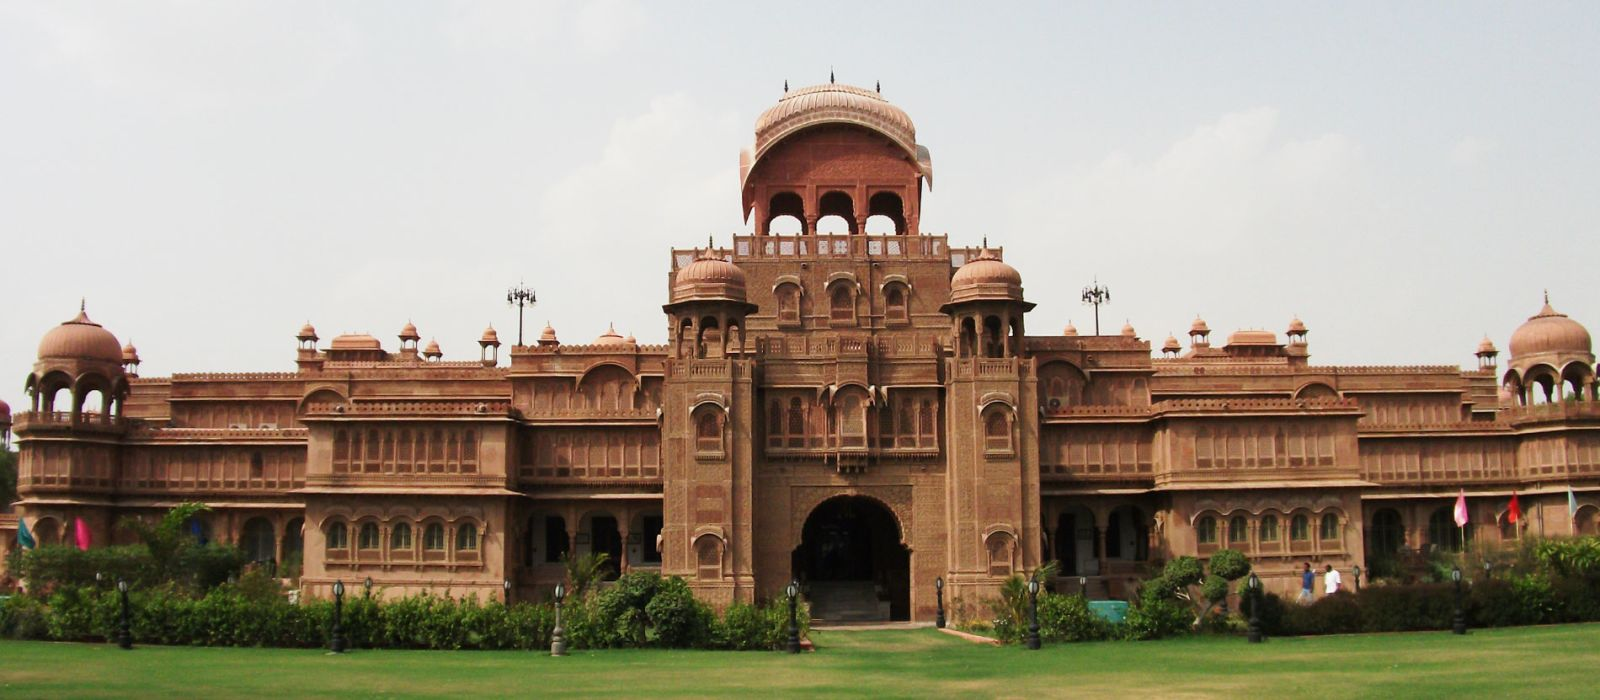 Hotel Laxmi Niwas Palace North India